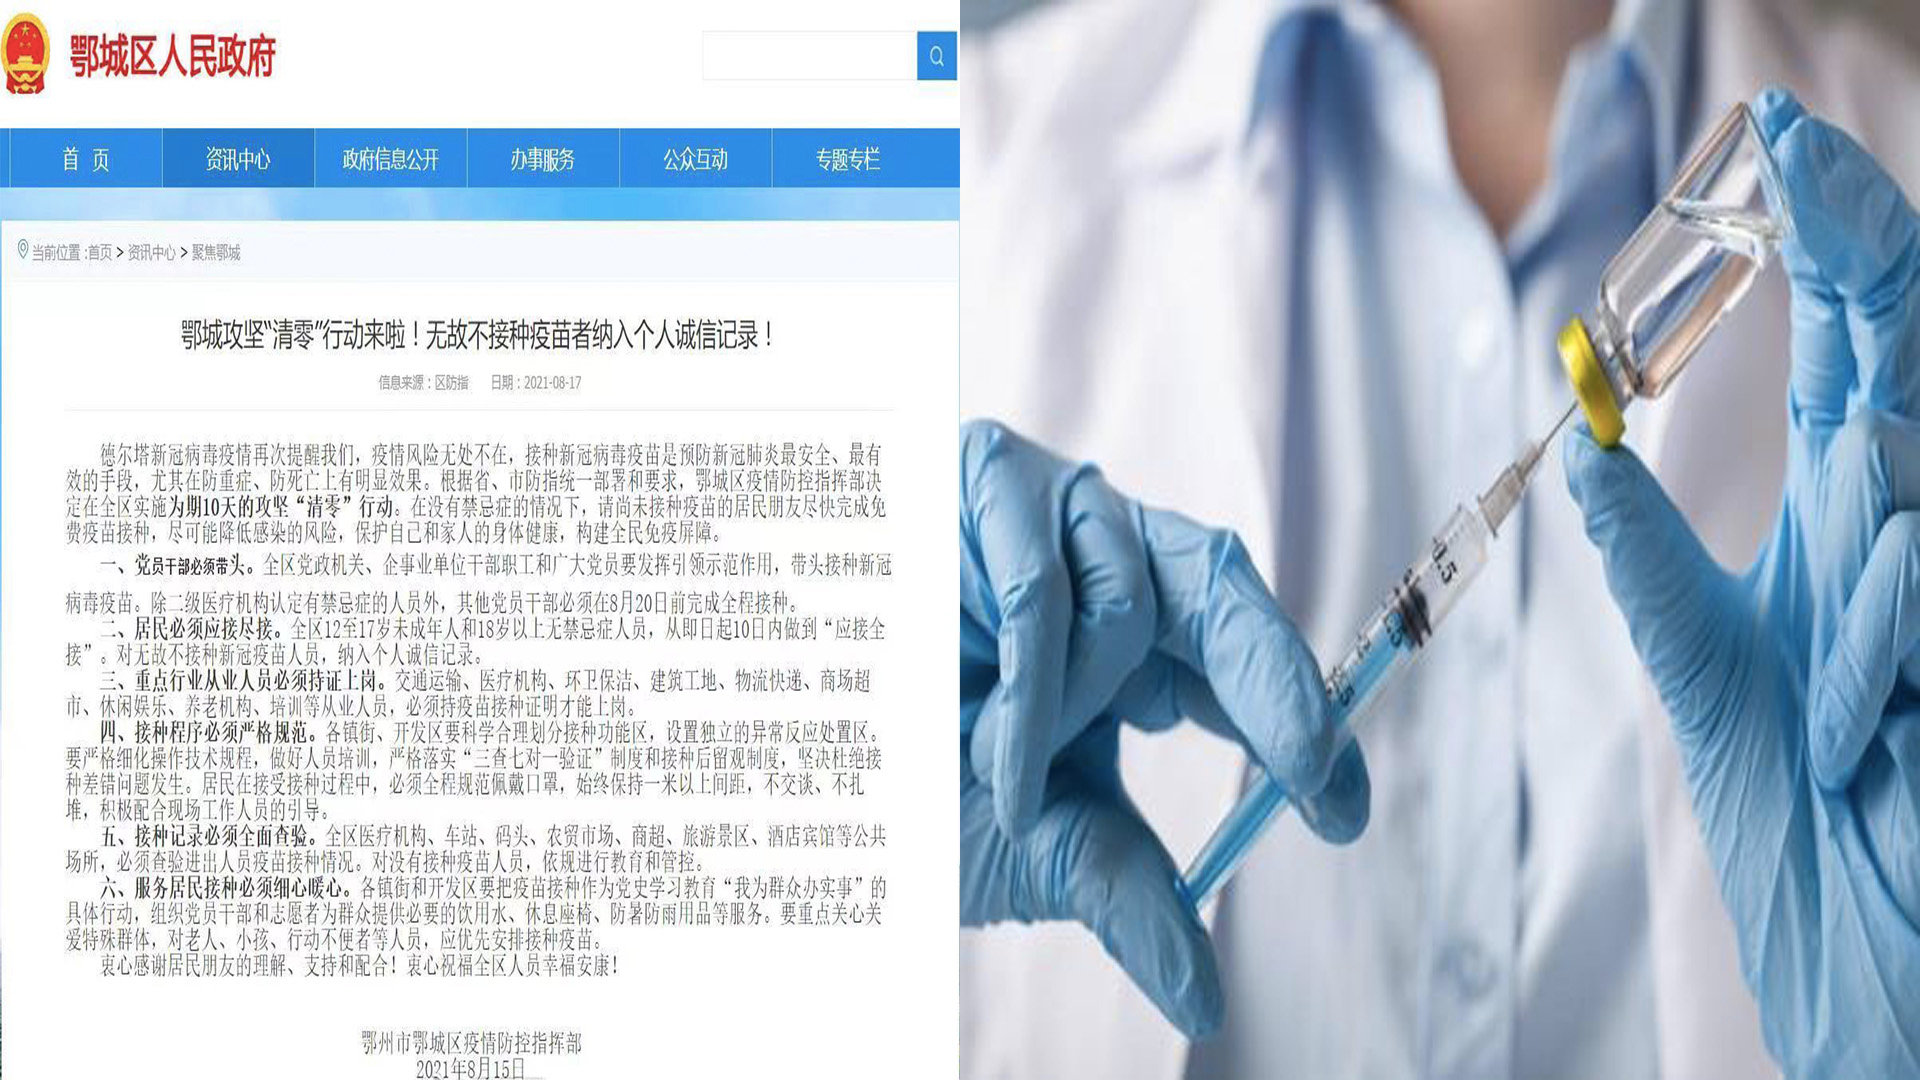 无故不打疫苗纳入诚信记录?